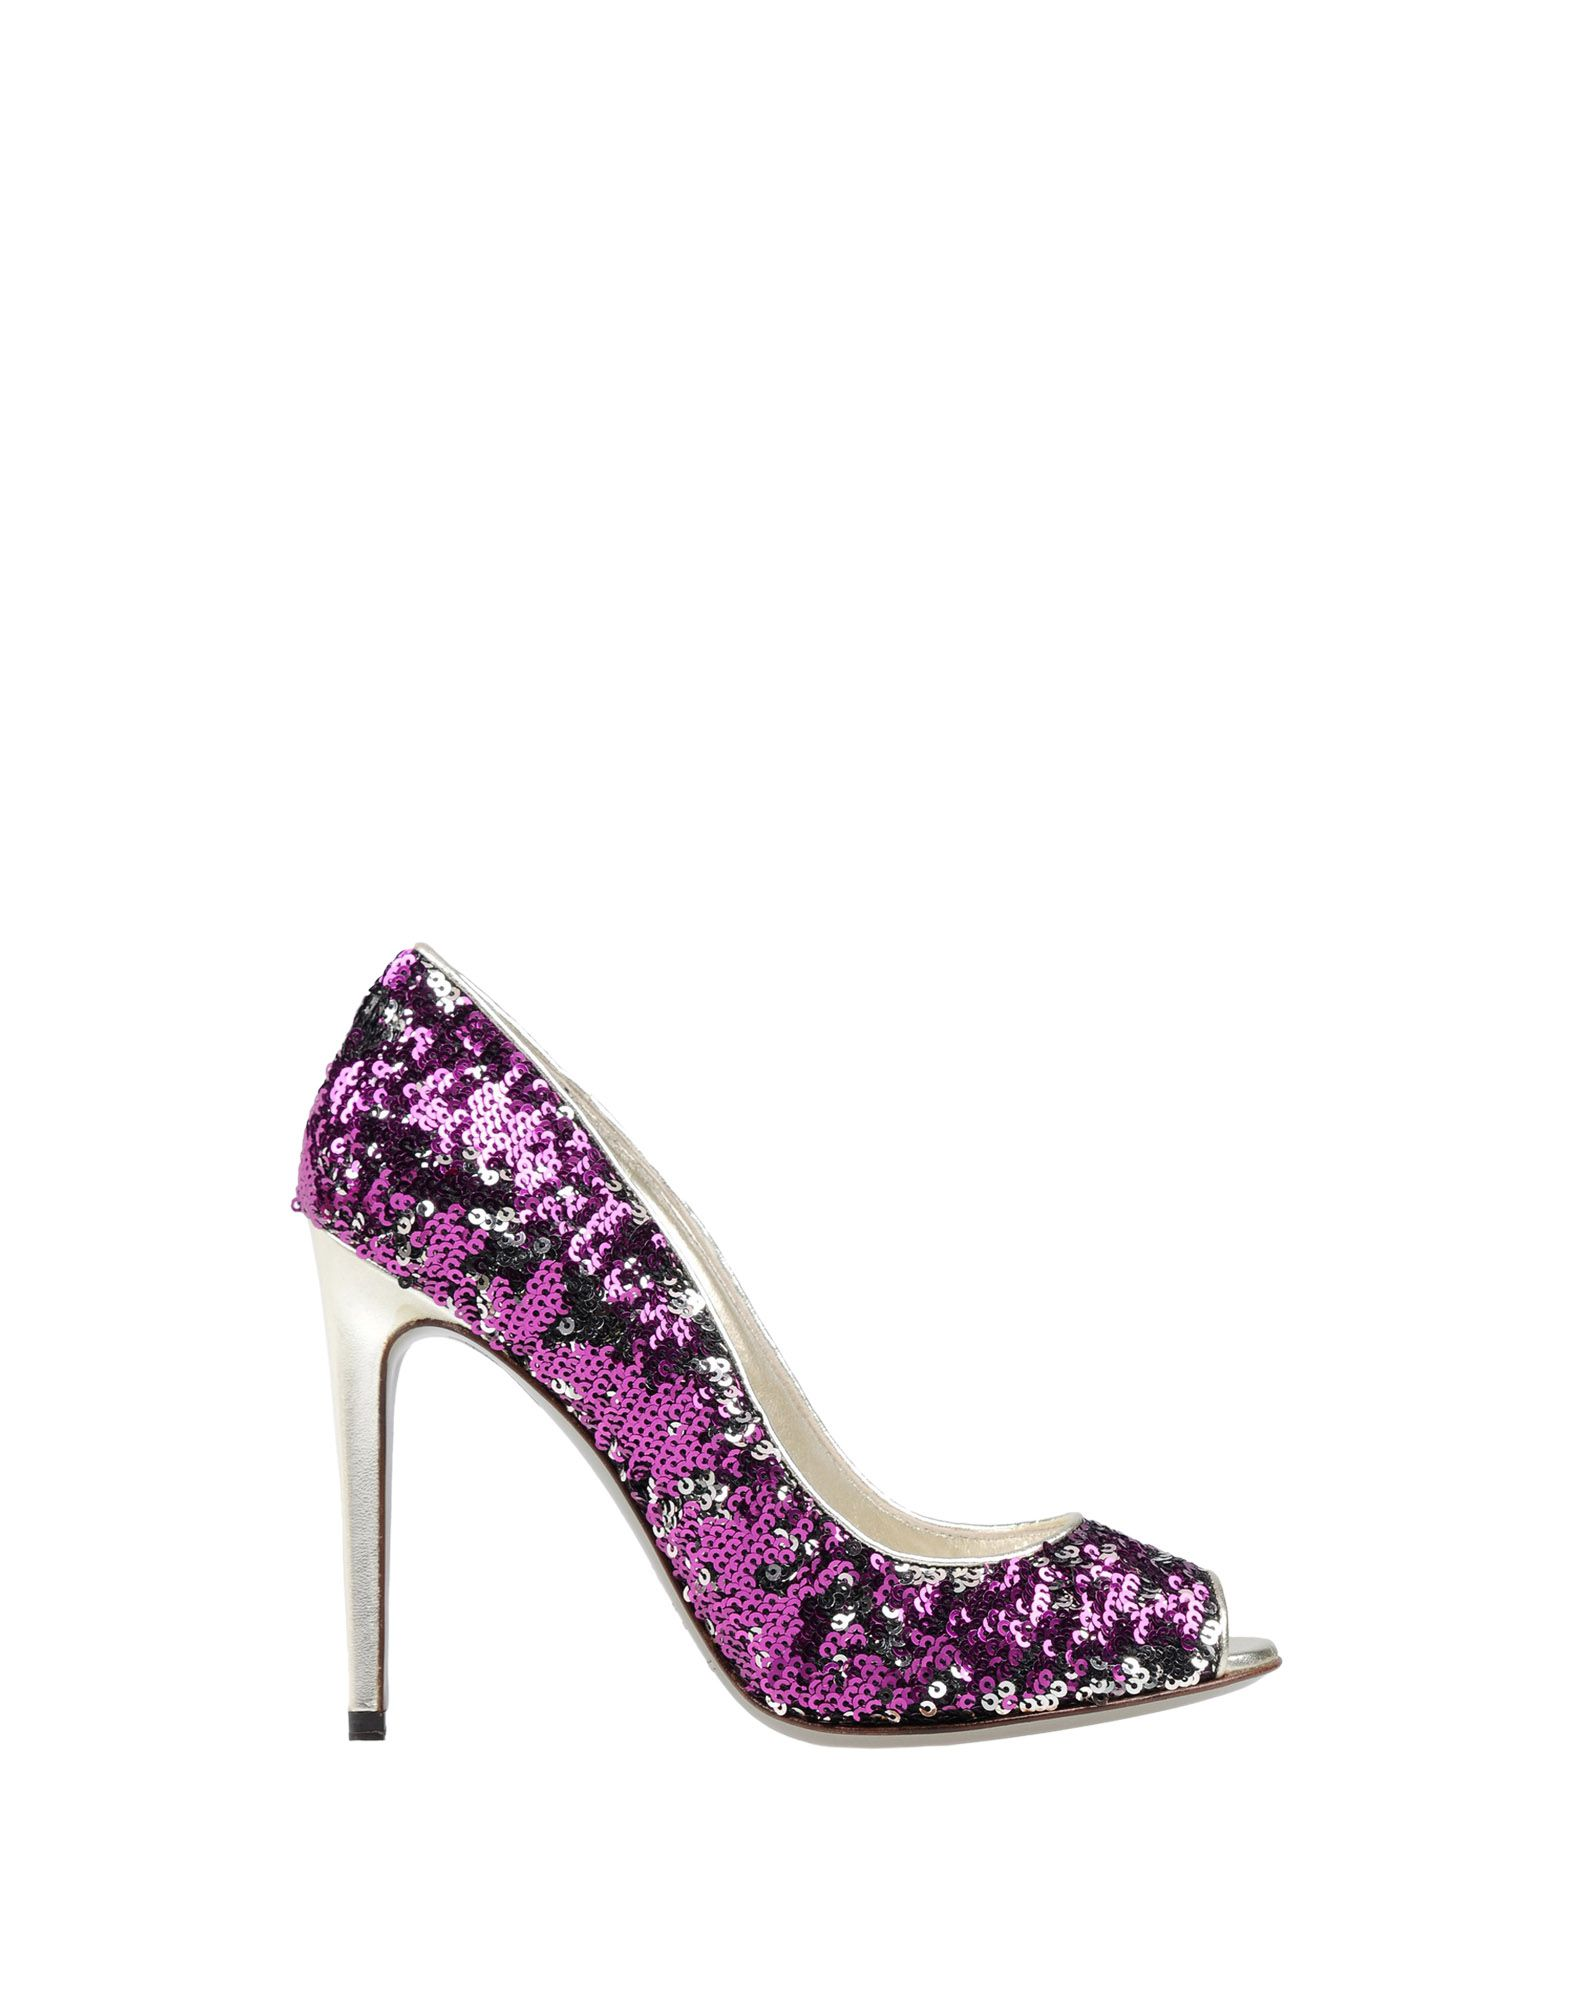 Rabatt Schuhe Pumps Dolce & Gabbana Pumps Schuhe Damen  11481353QB cc38d1